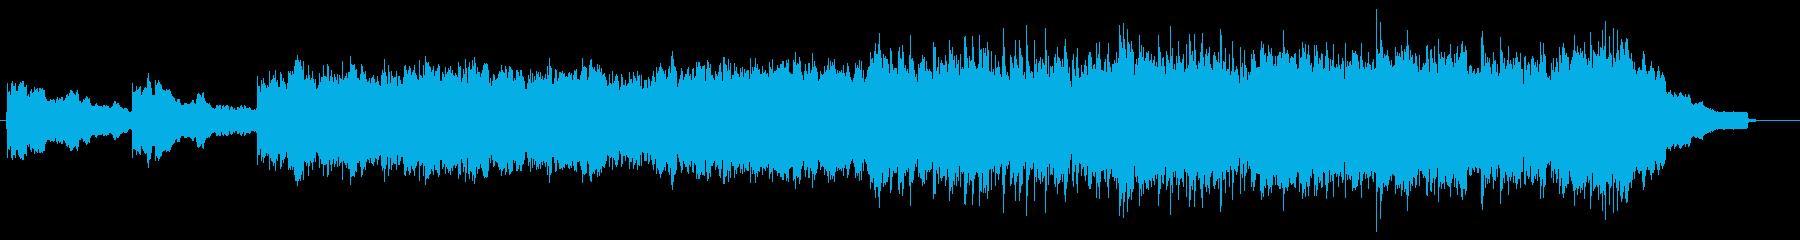 アコギを使用した透明感のある曲、映像等にの再生済みの波形